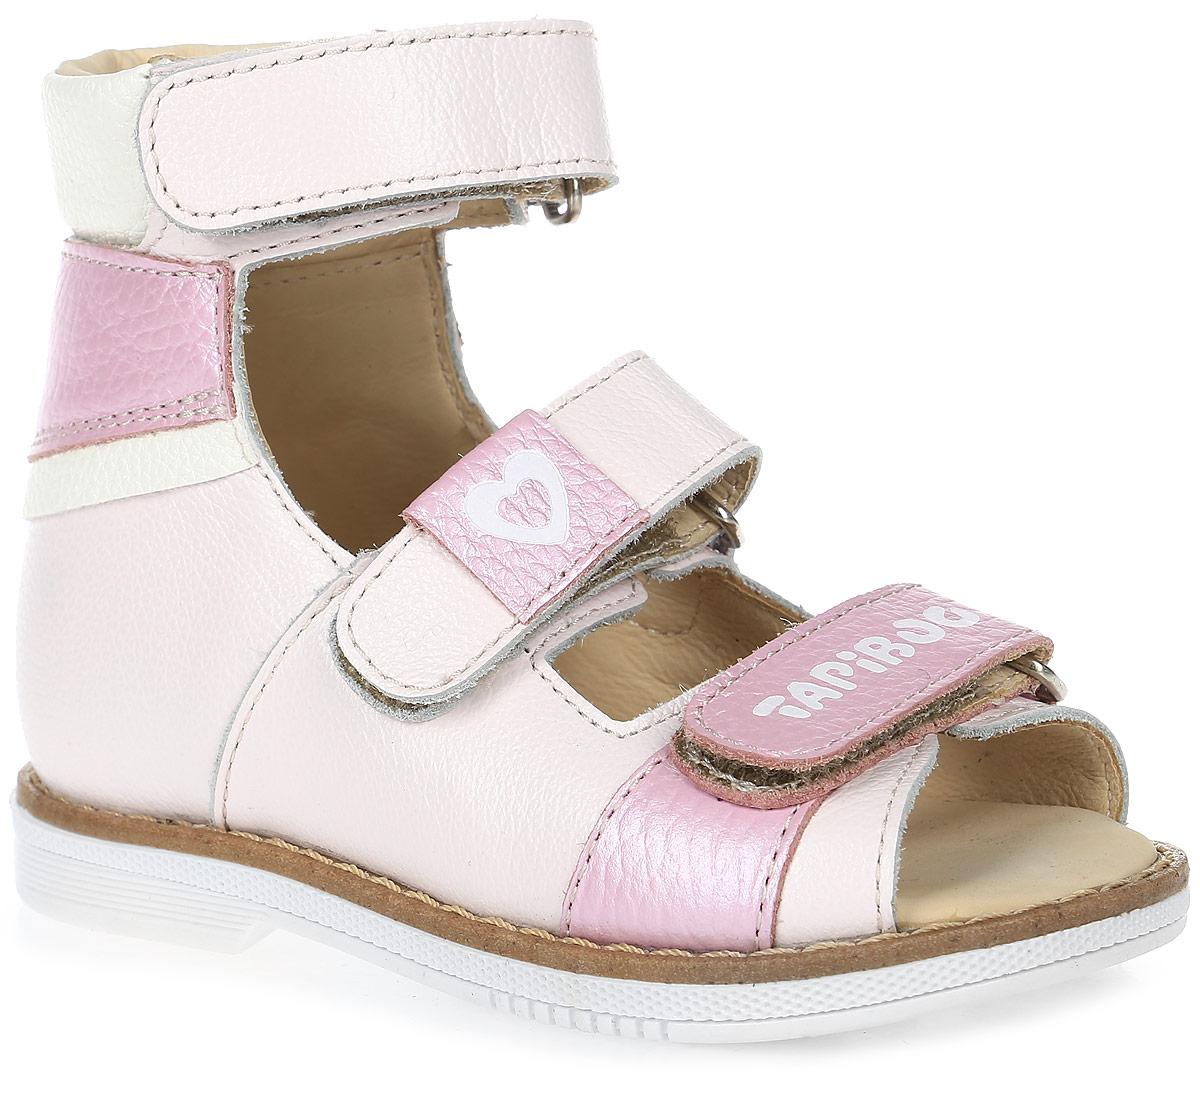 Сандалии для девочки TapiBoo, цвет: розовый, белый. FT-26005.17-OL05O.02. Размер 24FT-26005.17-OL05O.02Стильные сандалии от TapiBoo придутся по душе вашей девочке. Модель, выполненная из натуральной кожи, оформлена прострочкой вдоль ранта. Внутренняя поверхность из натуральной кожи гарантирует комфорт при движении. Анатомическая стелька из натуральной кожи с супинатором обеспечивает правильное формирование стопы. Жесткий фиксирующий задник надежно стабилизирует голеностопный сустав во время ходьбы. Застегивается модель на три ремешка с липучками. Ремешок на подъеме дополнен нашивкой, а ремешок на мысе логотипом бренда. Упругая подошва, имеющая перекат, позволяет повторять естественное движение стопы при ходьбе для правильного распределения нагрузки на опорно-двигательный аппарат ребенка. Ортопедический каблук Томаса укрепляет подошву под средней частью стопы и препятствует ее заваливанию внутрь. Рельефный рисунок подошвы обеспечивает сцепление с любыми поверхностями. Такие сандалии станут незаменимыми в гардеробе вашего ребенка.